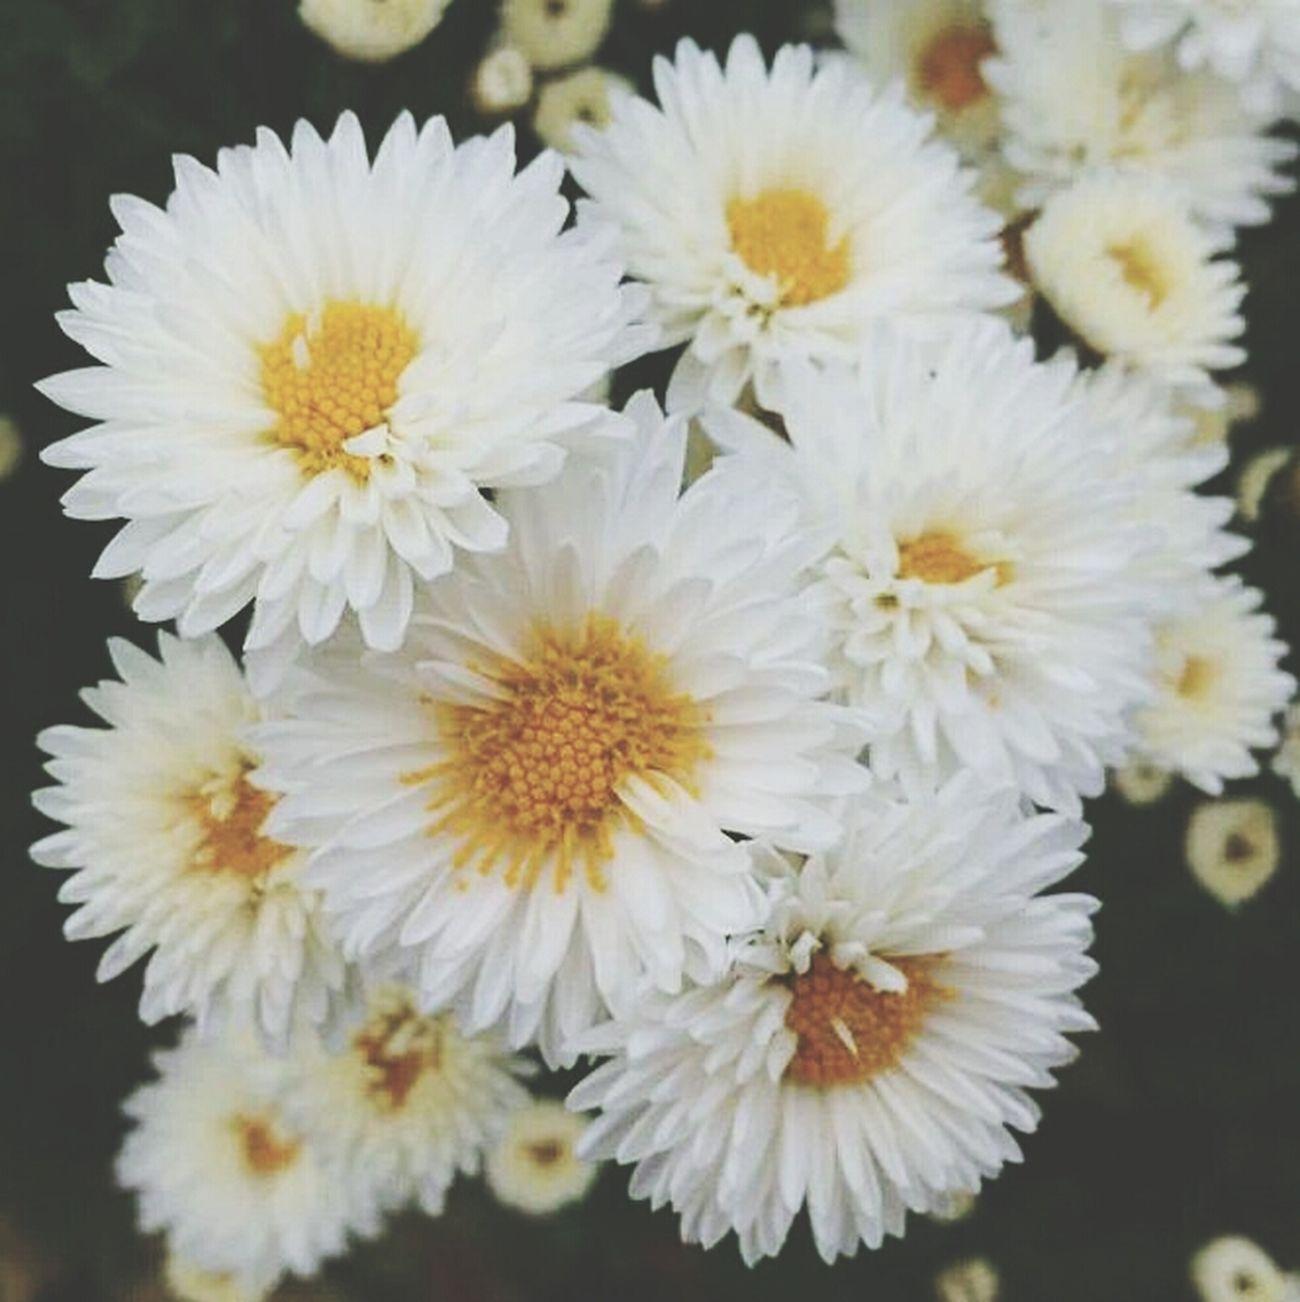 何となく今の気持ち ~みんなに寄り添っていたい~ Flower White 白 仲間